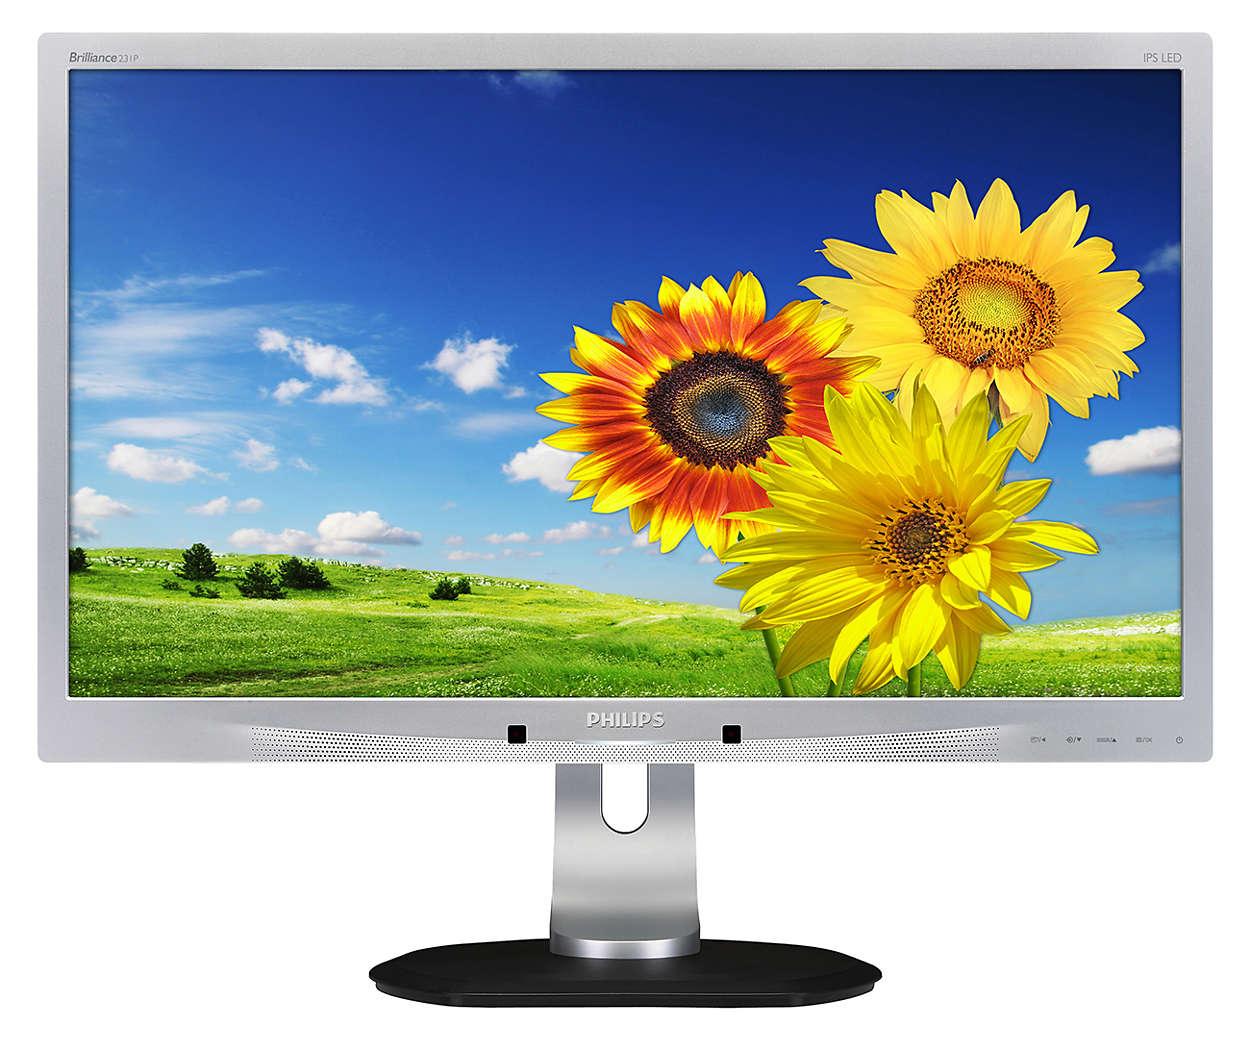 Μοναδική απλότητα με την οθόνη σύνδεσης σε φορητό υπολογιστή